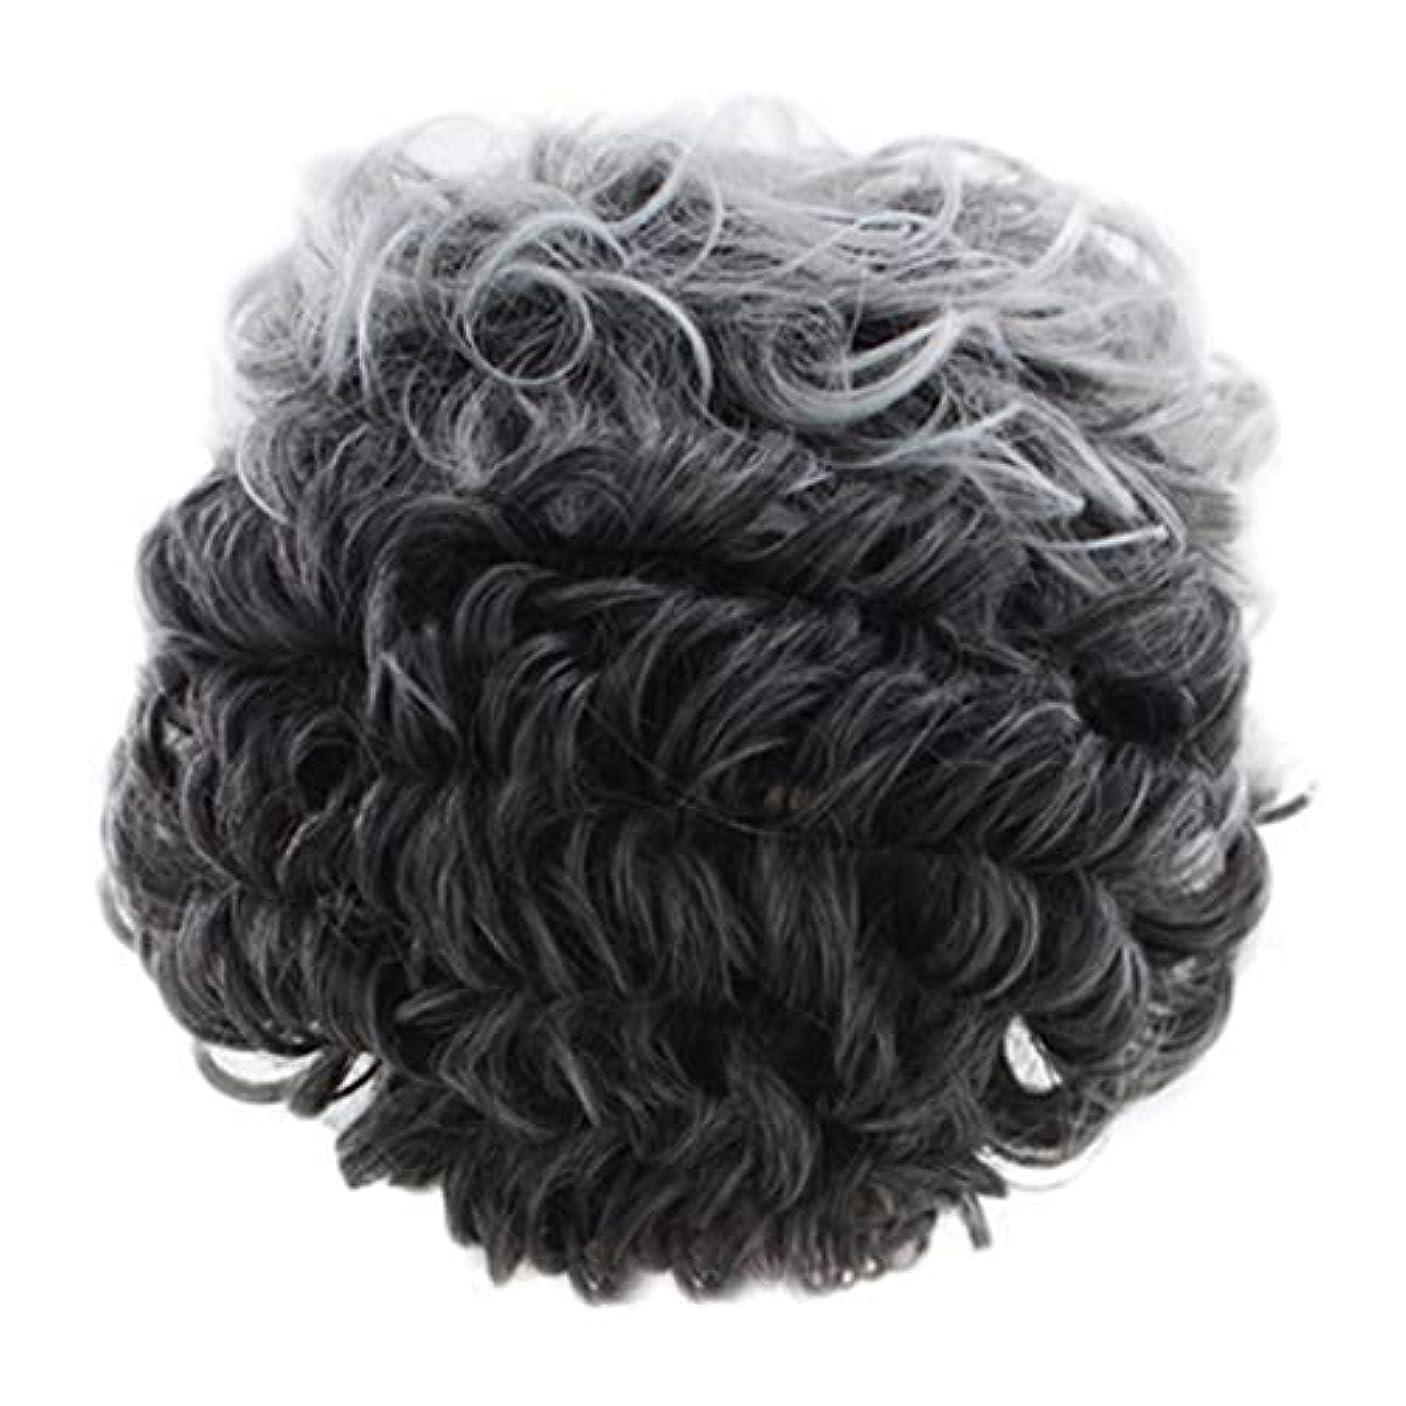 青写真減る個人的な女性のかつらグレー短い巻き毛のファッションセクシーなかつらローズネット